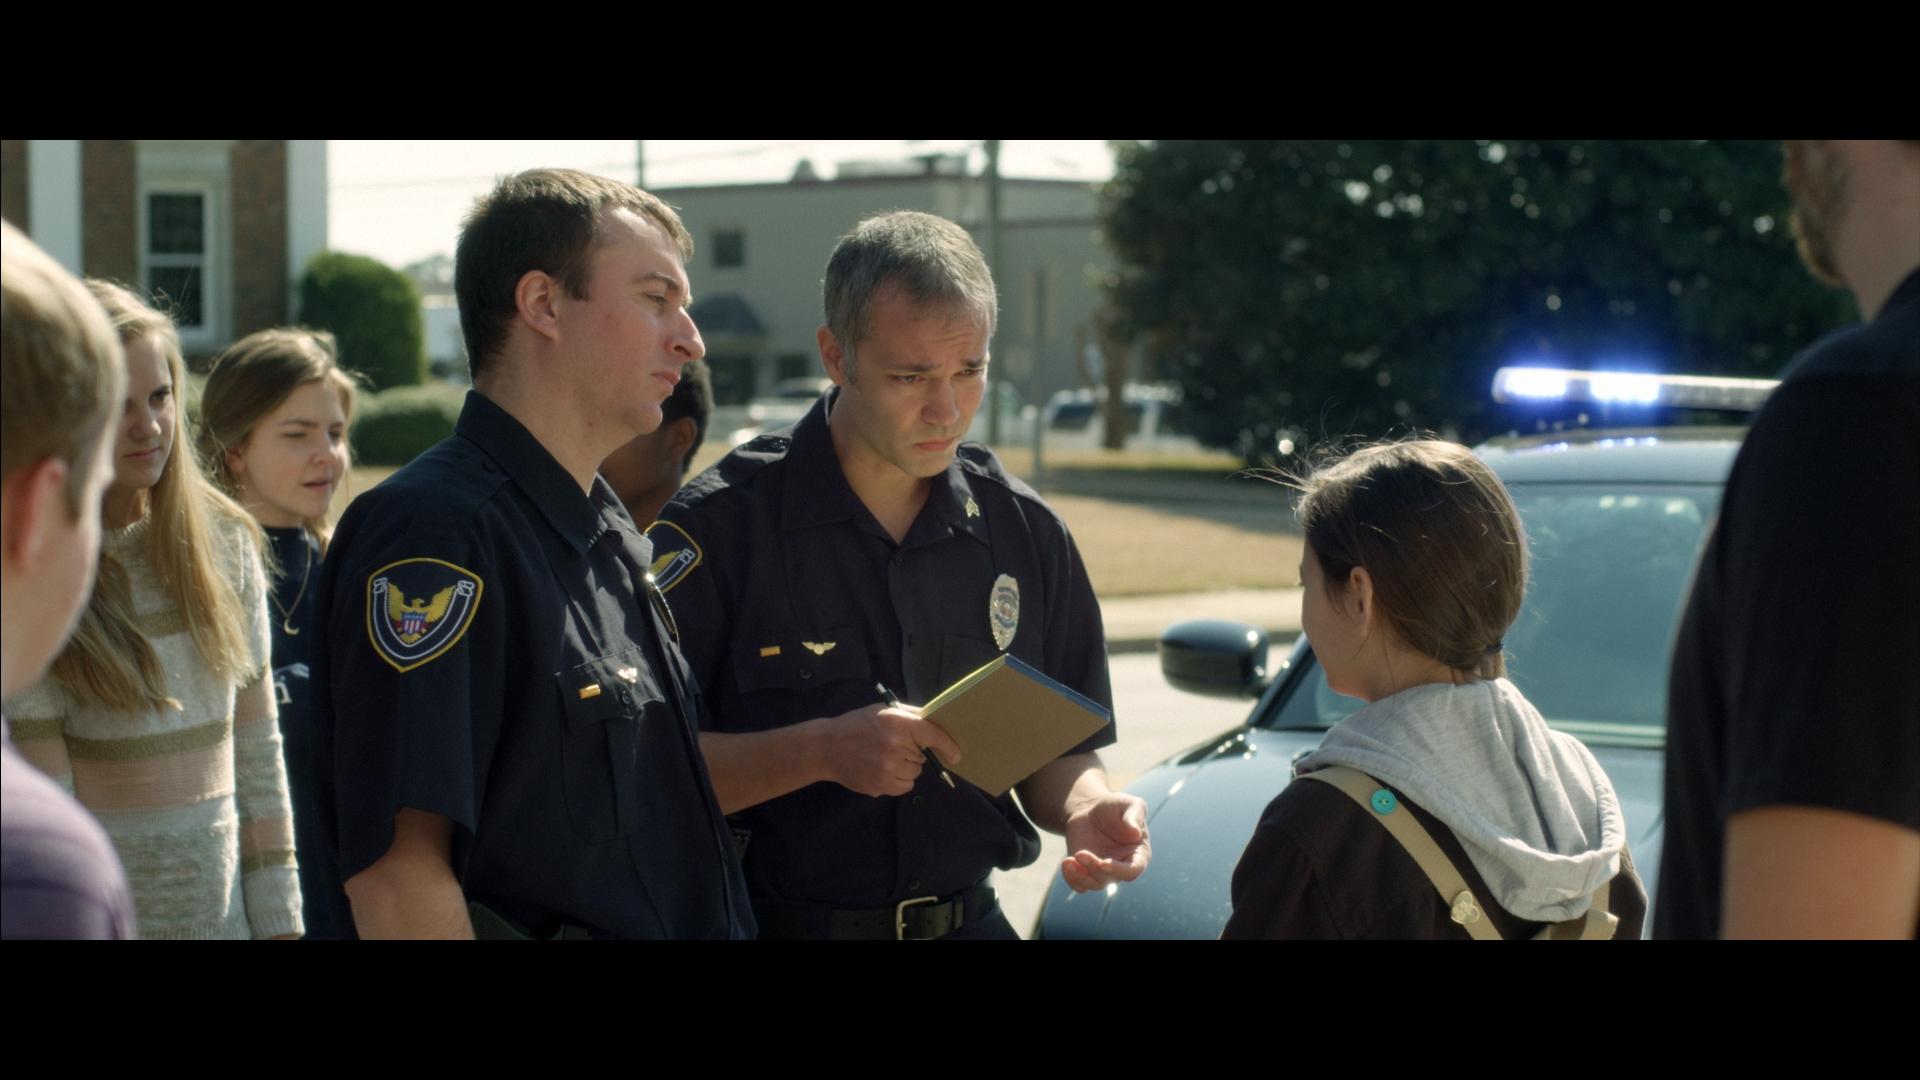 police scene.jpg